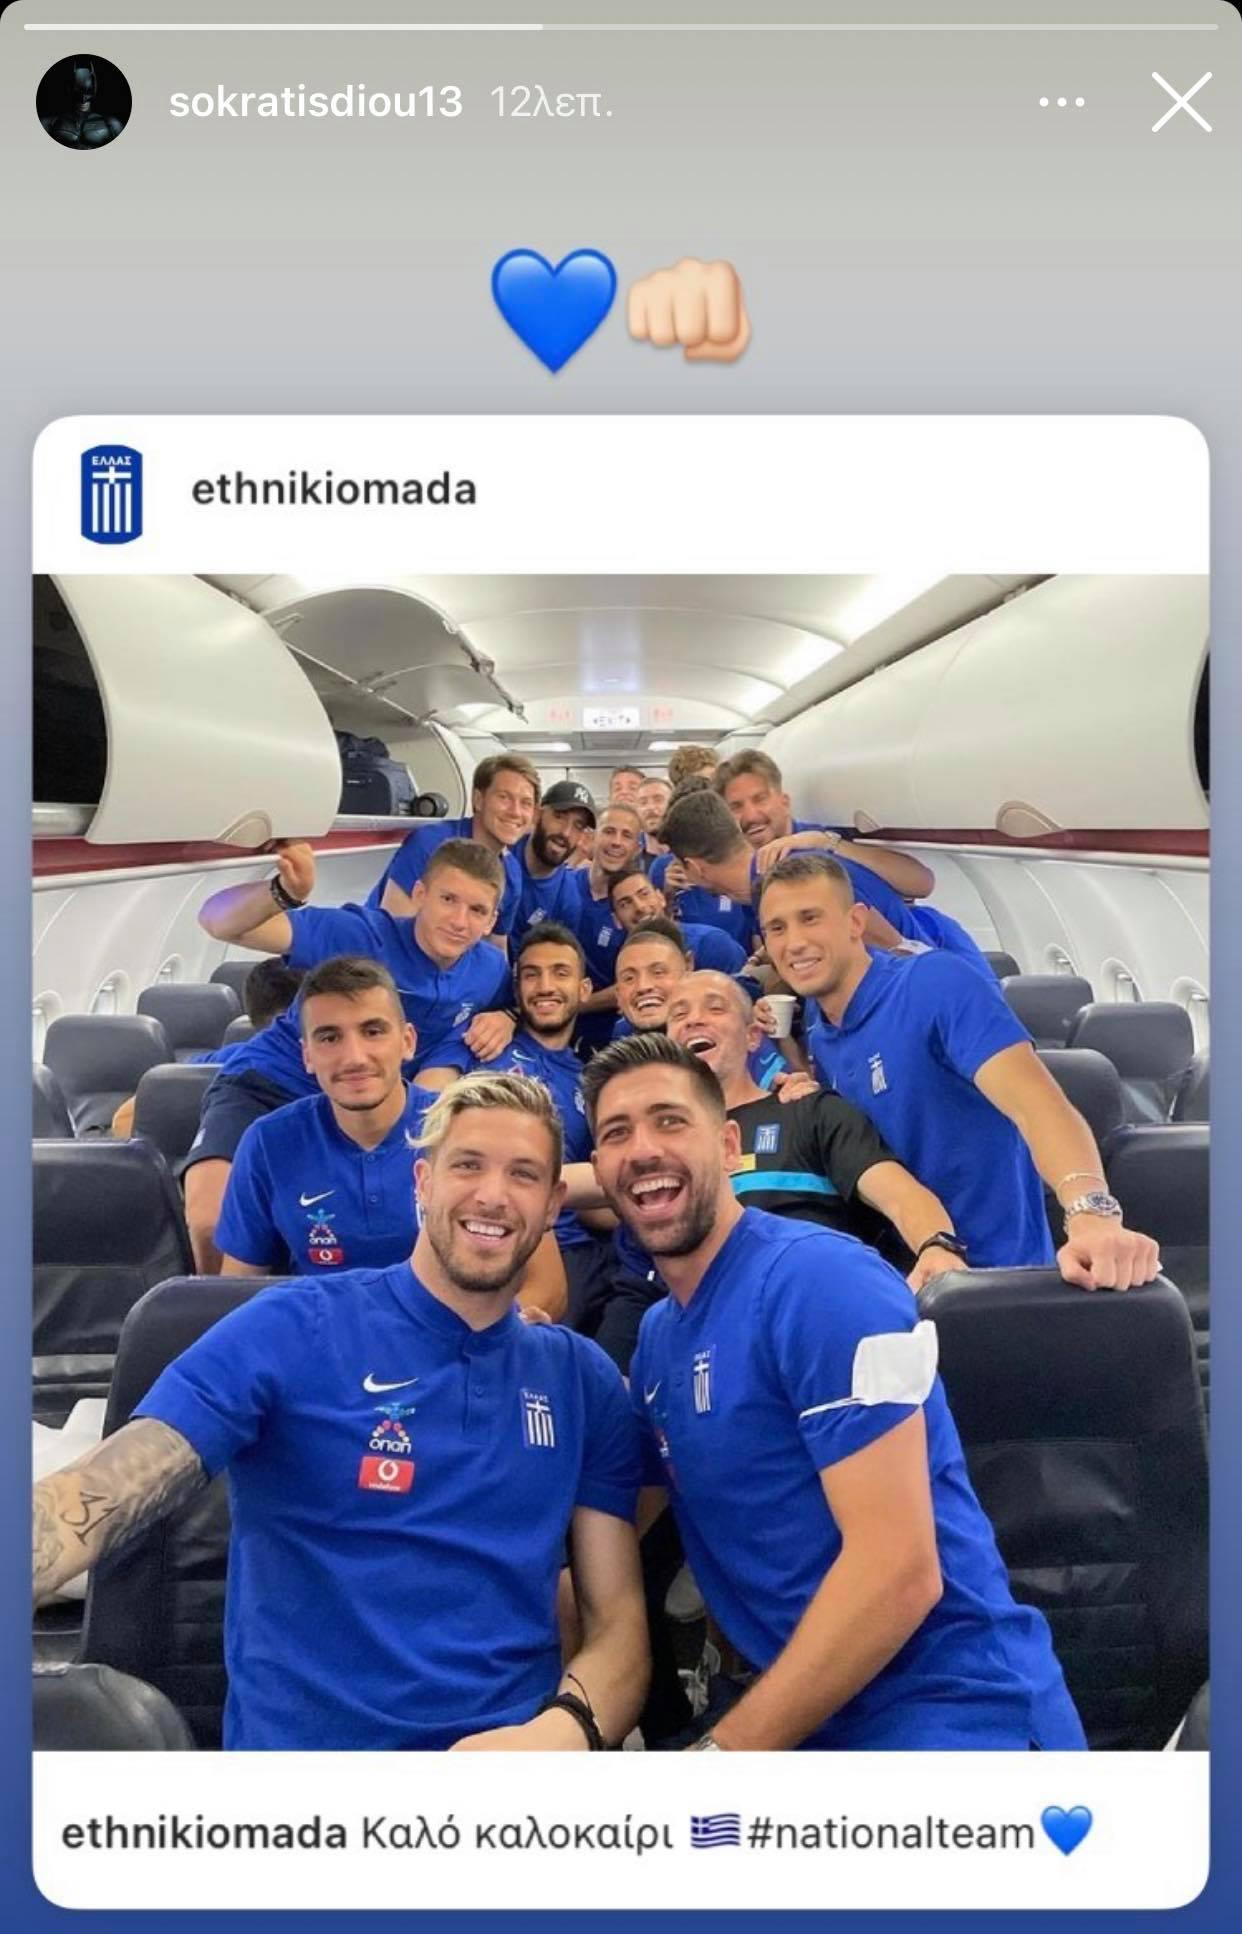 Γυρνούν χαμογελαστοί από τη Μάλαγα οι Διούδης και Πούγγουρας - Η φωτογραφία από το αεροπλάνο